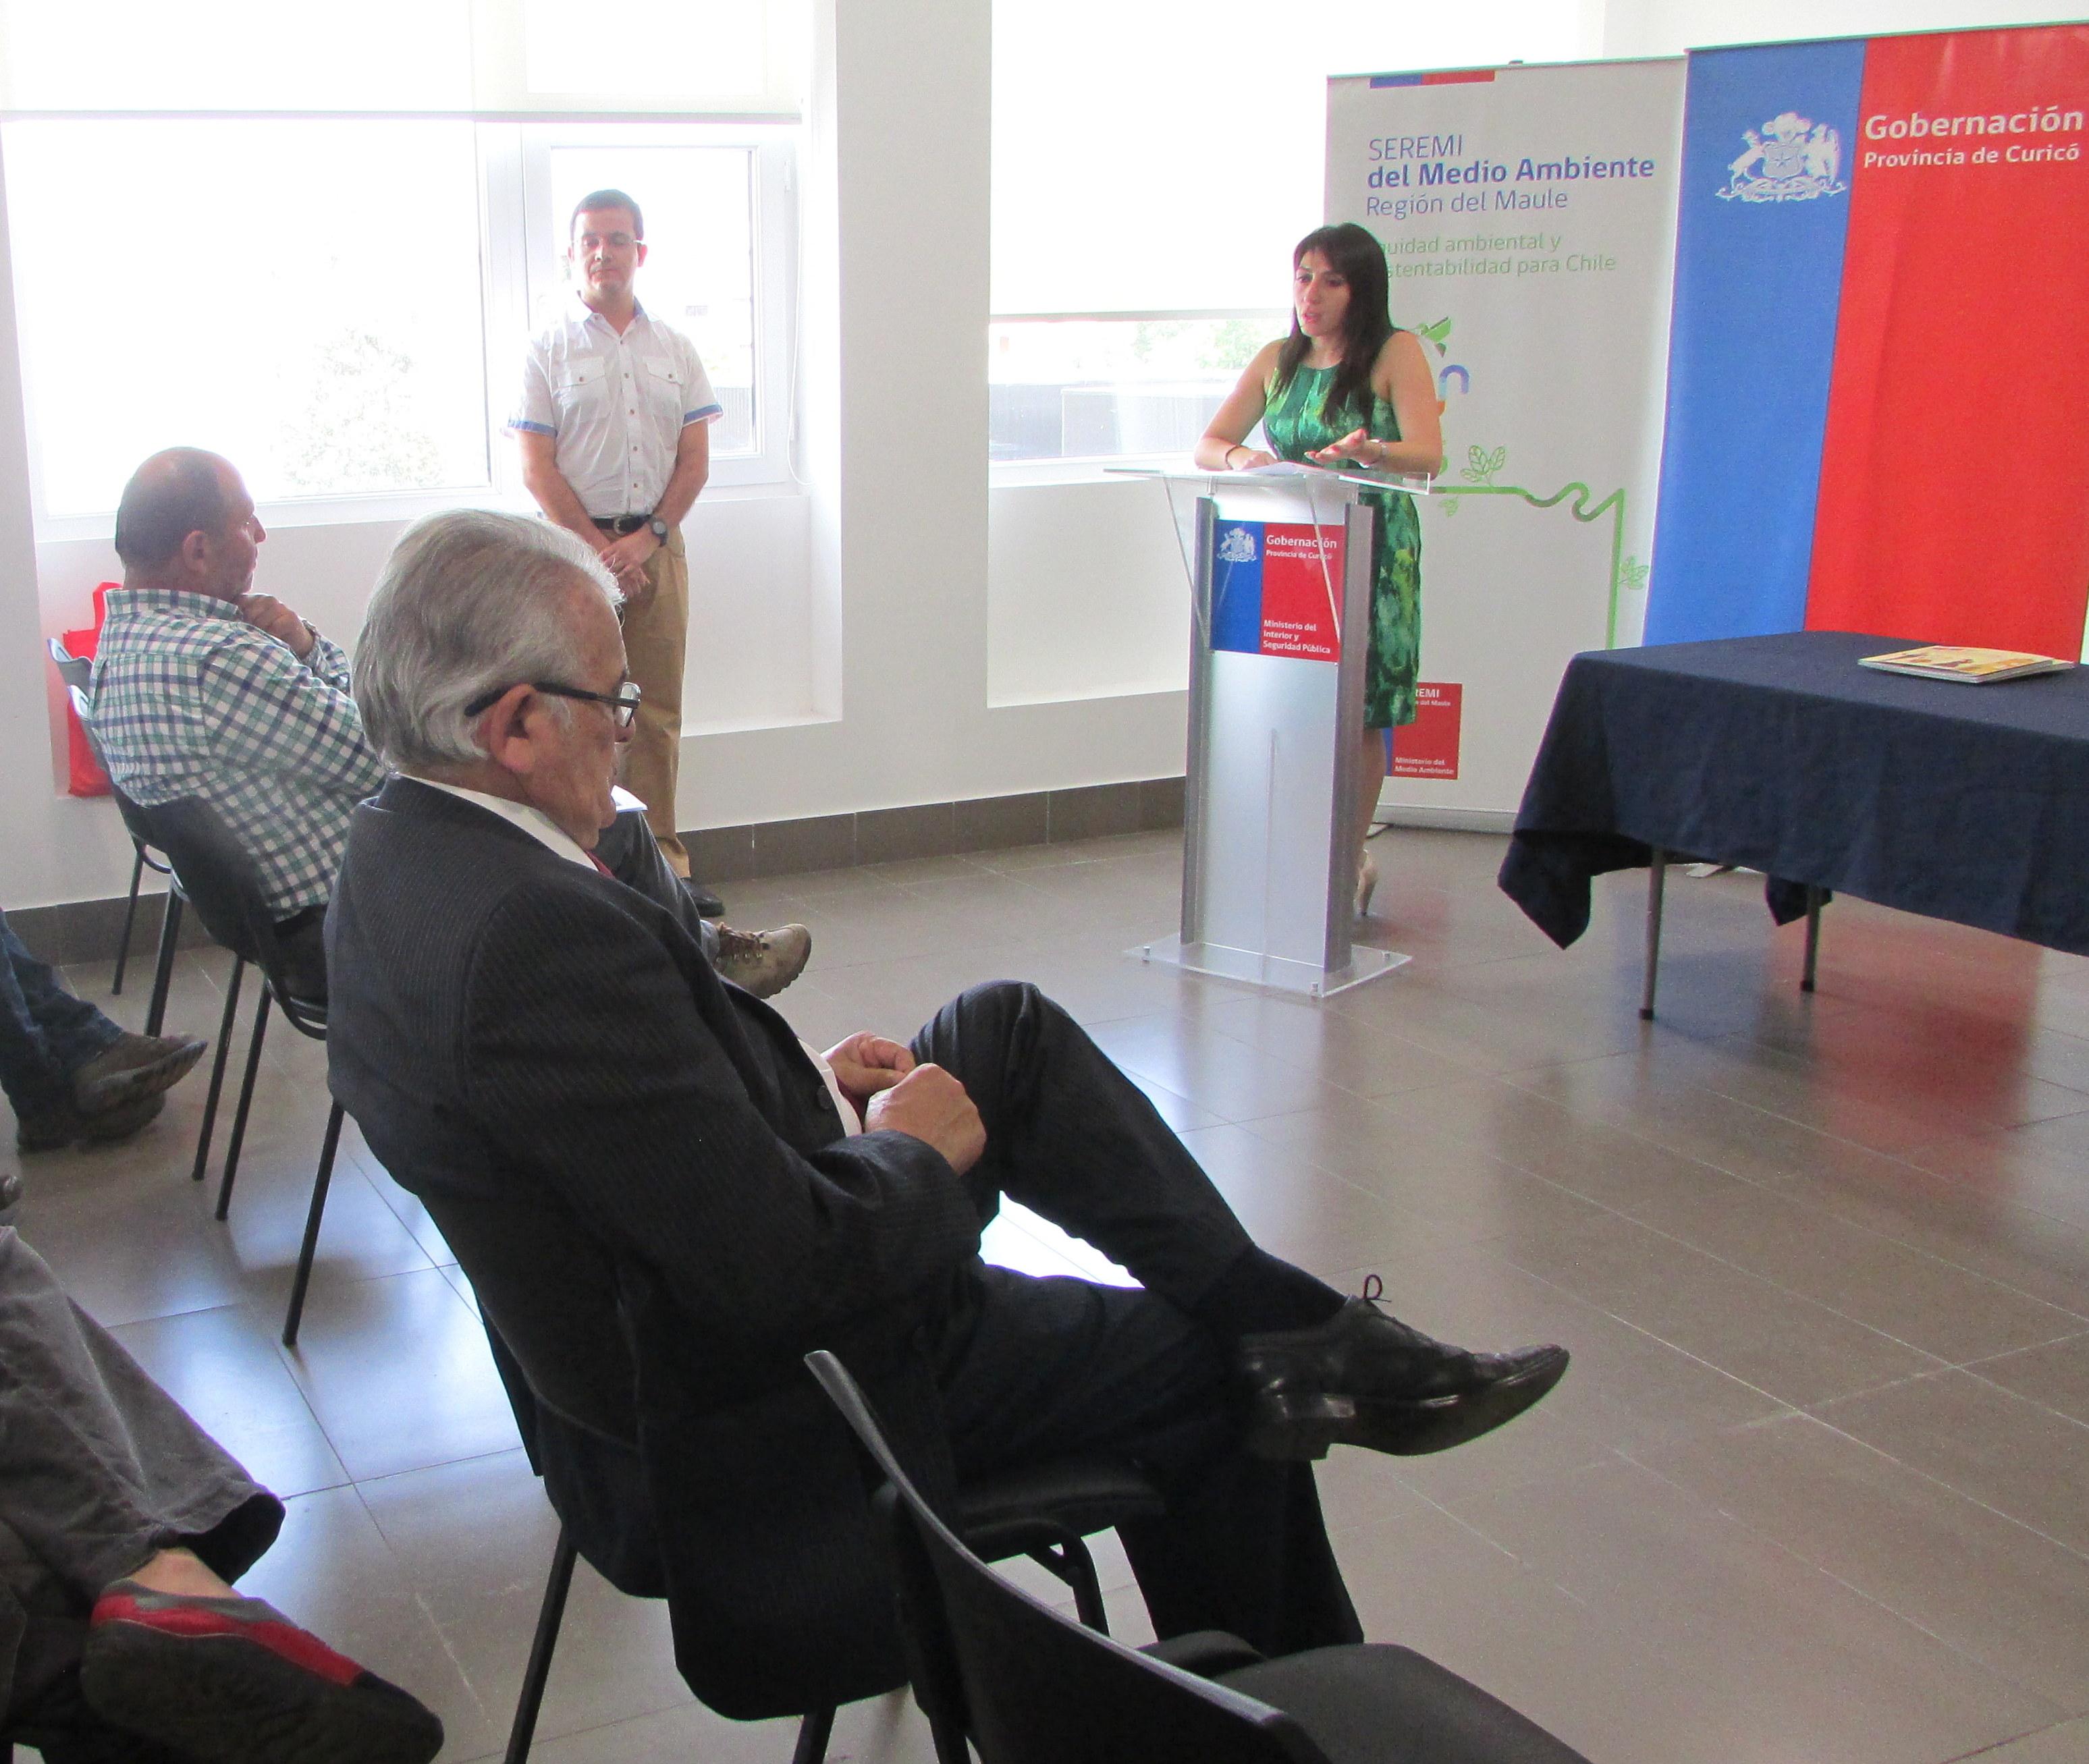 Presentarán proyecto de recambio de calefactores para descontaminar el Valle Central de Curicó